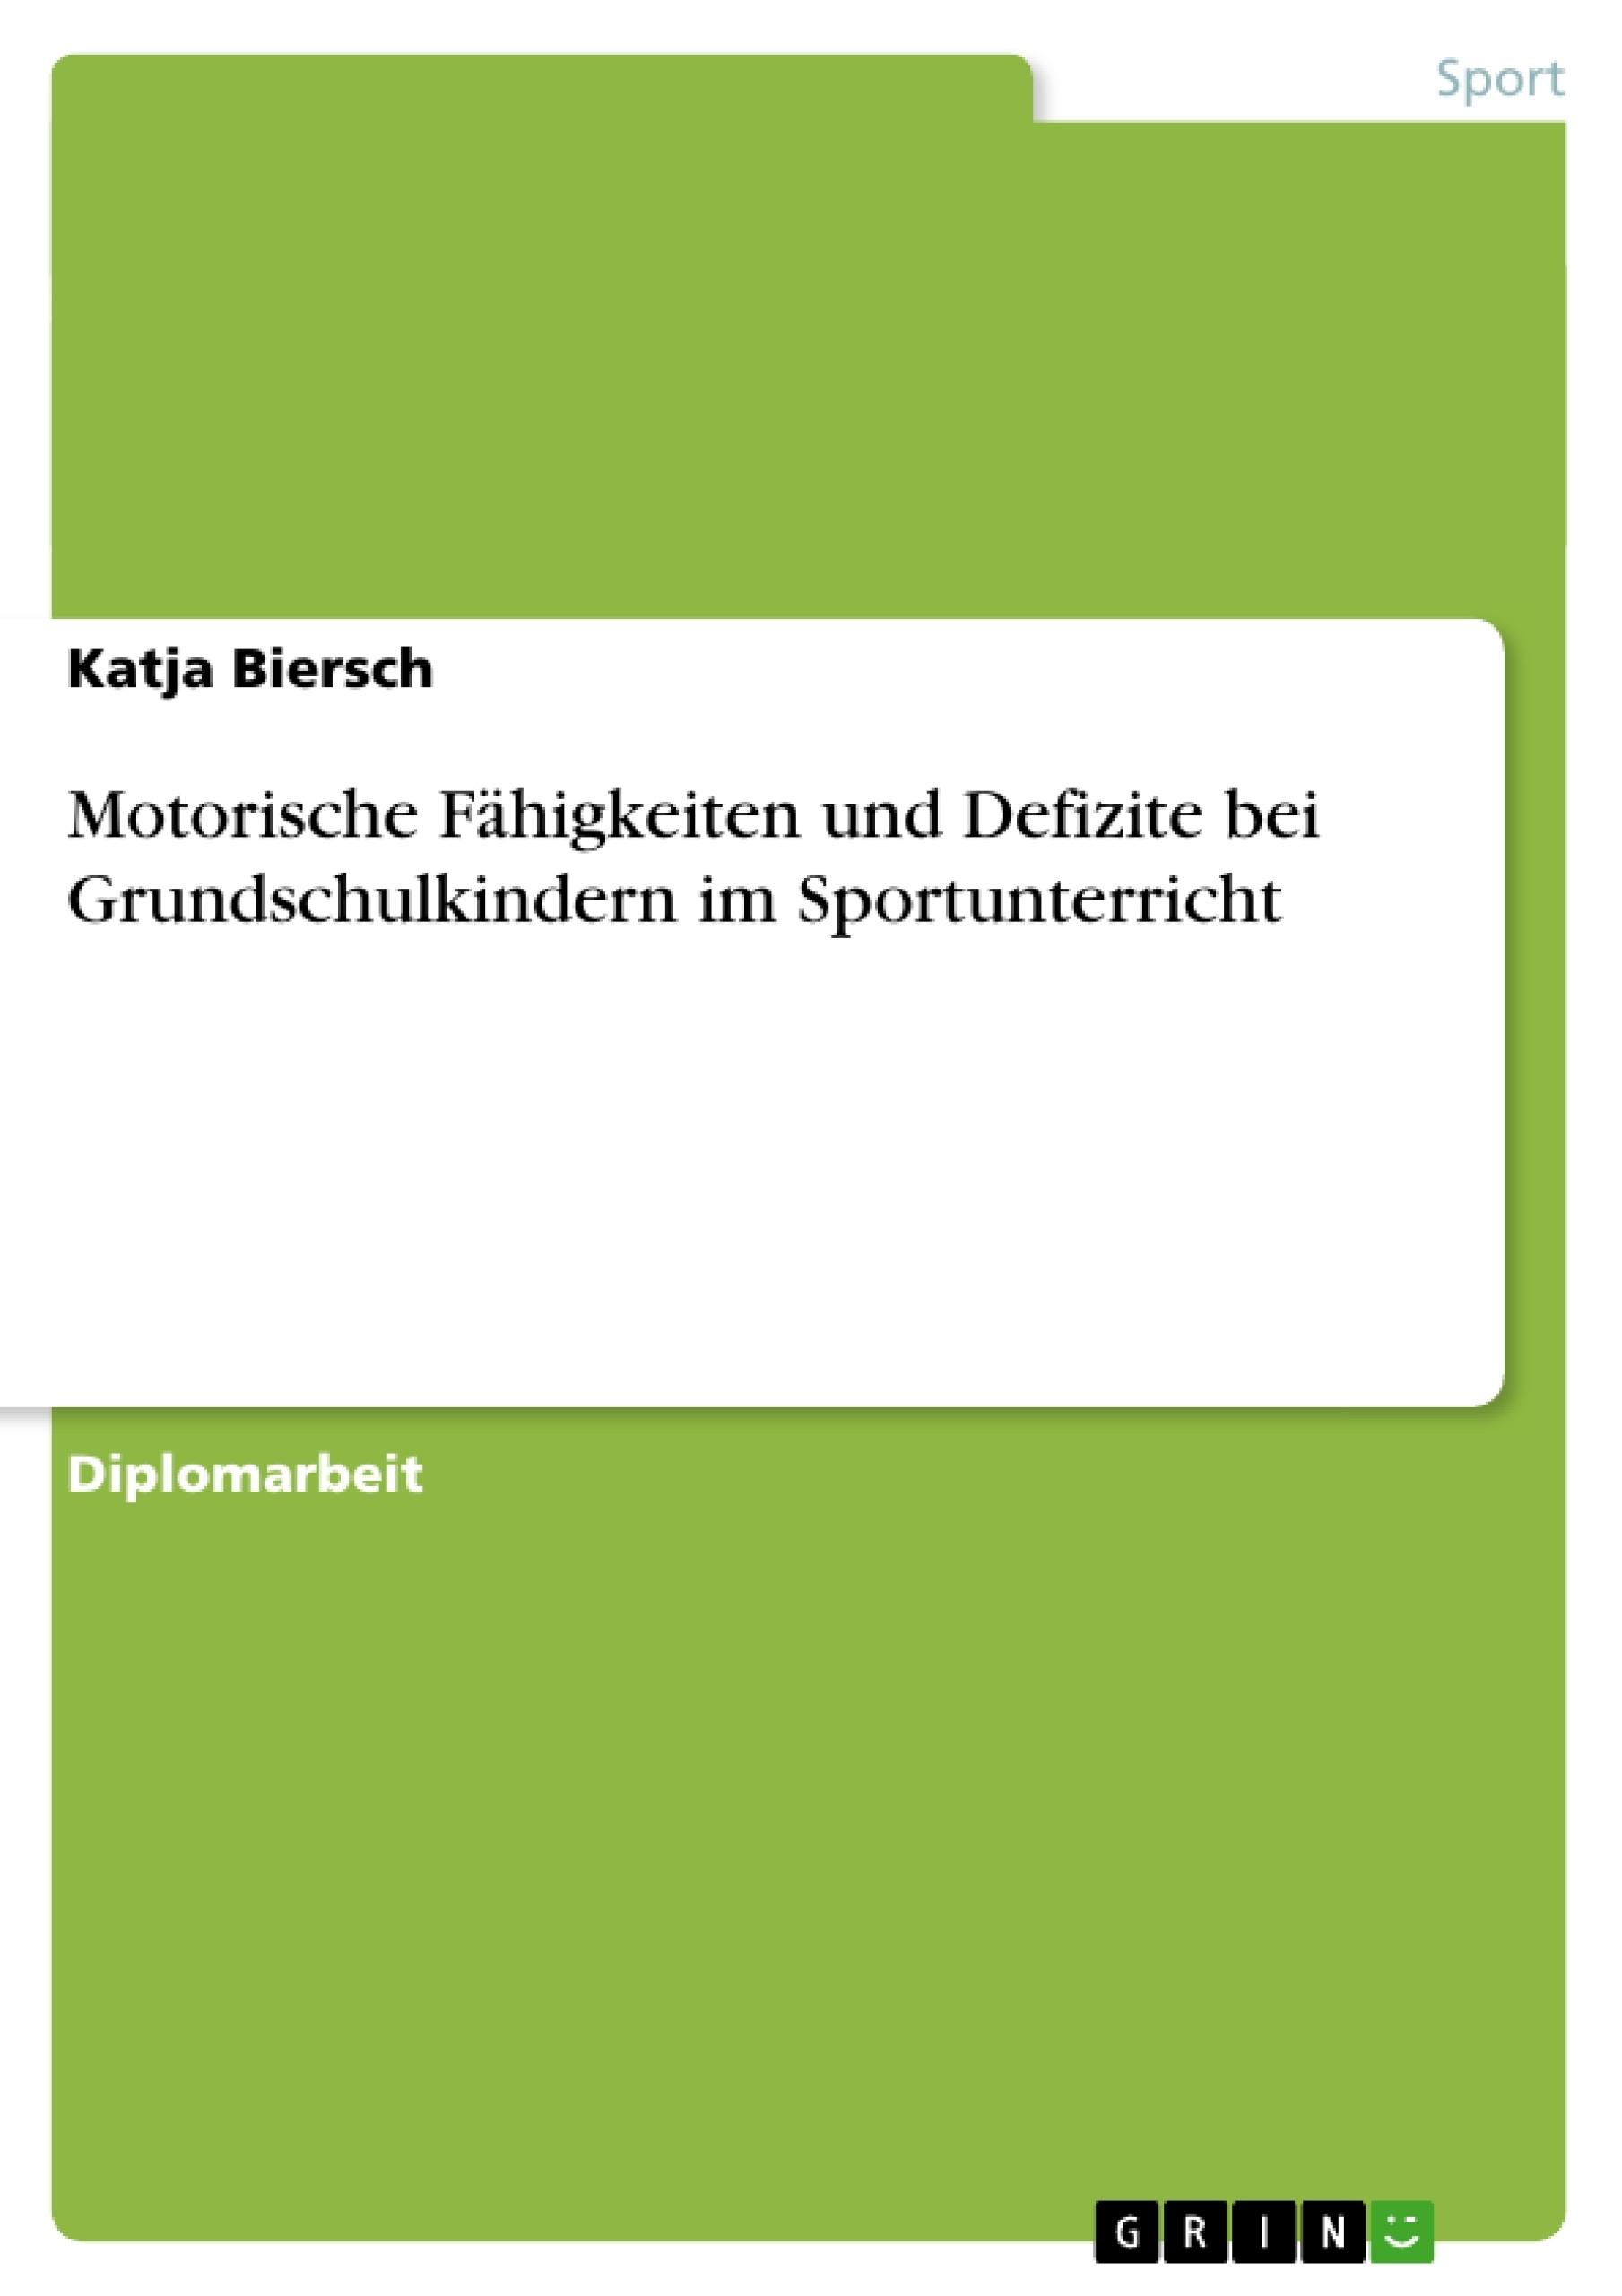 Titel: Motorische Fähigkeiten und Defizite bei Grundschulkindern im Sportunterricht